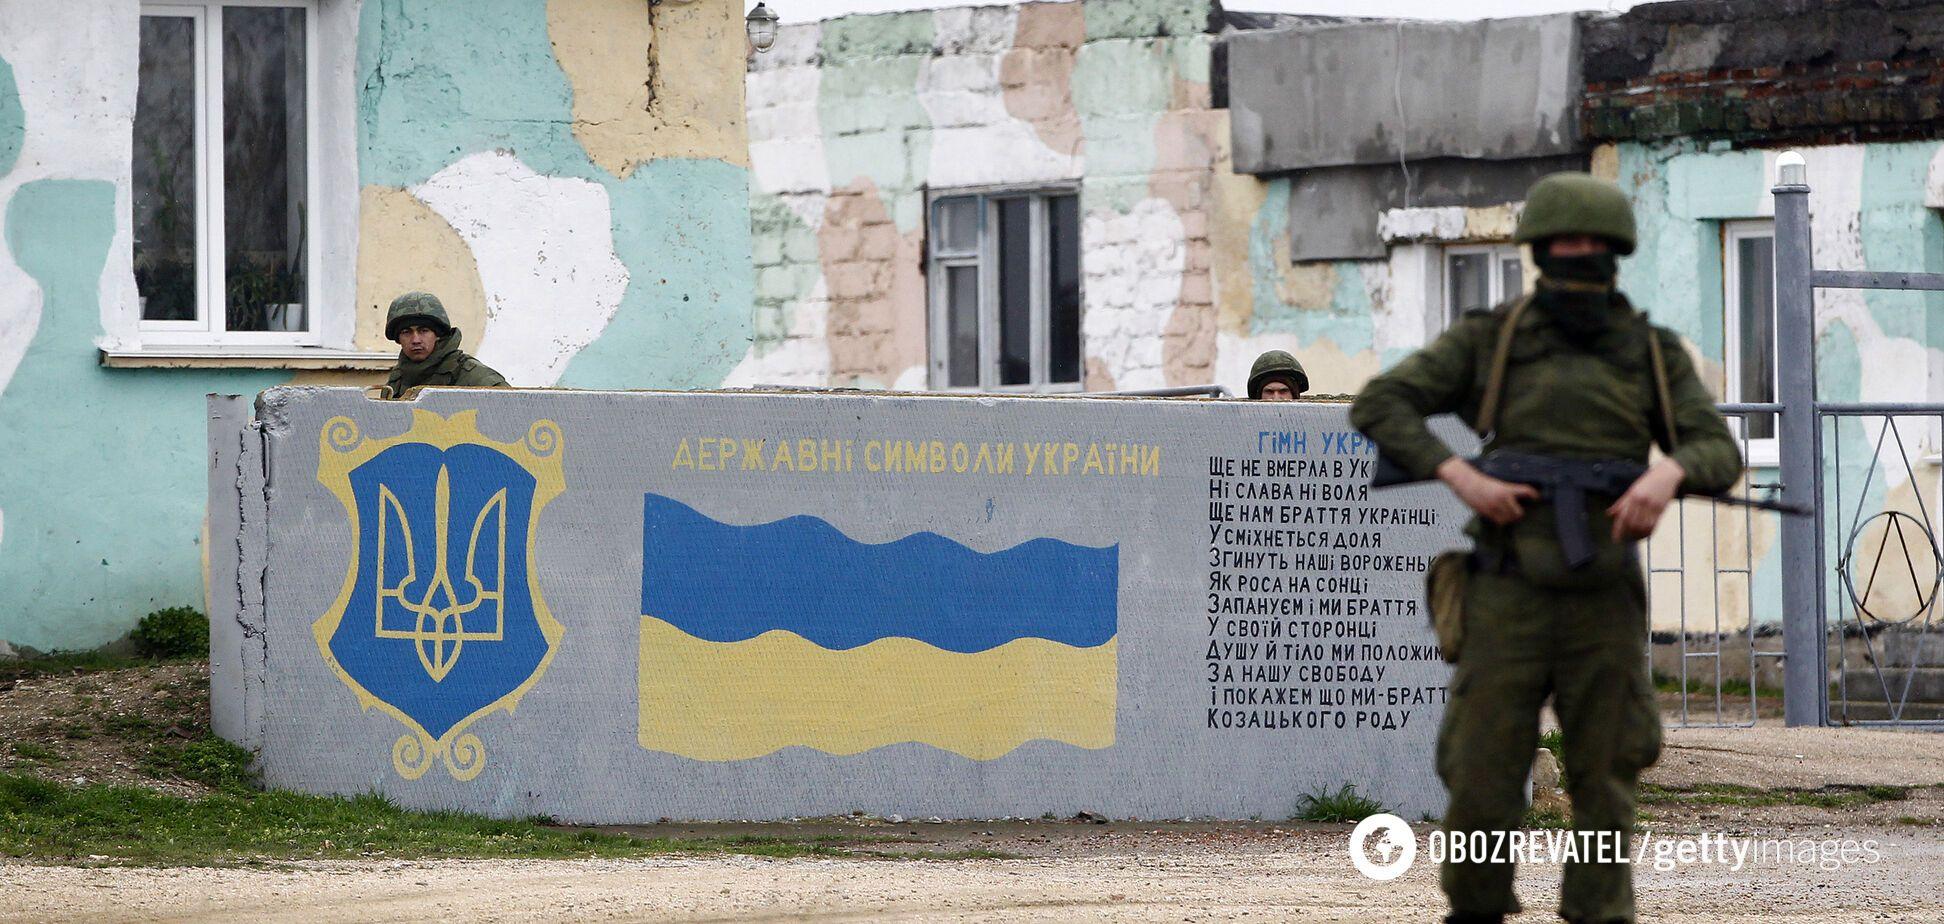 Почему план Украины по возврату Крыма может провалиться: эксперт рассказала о подвохе России